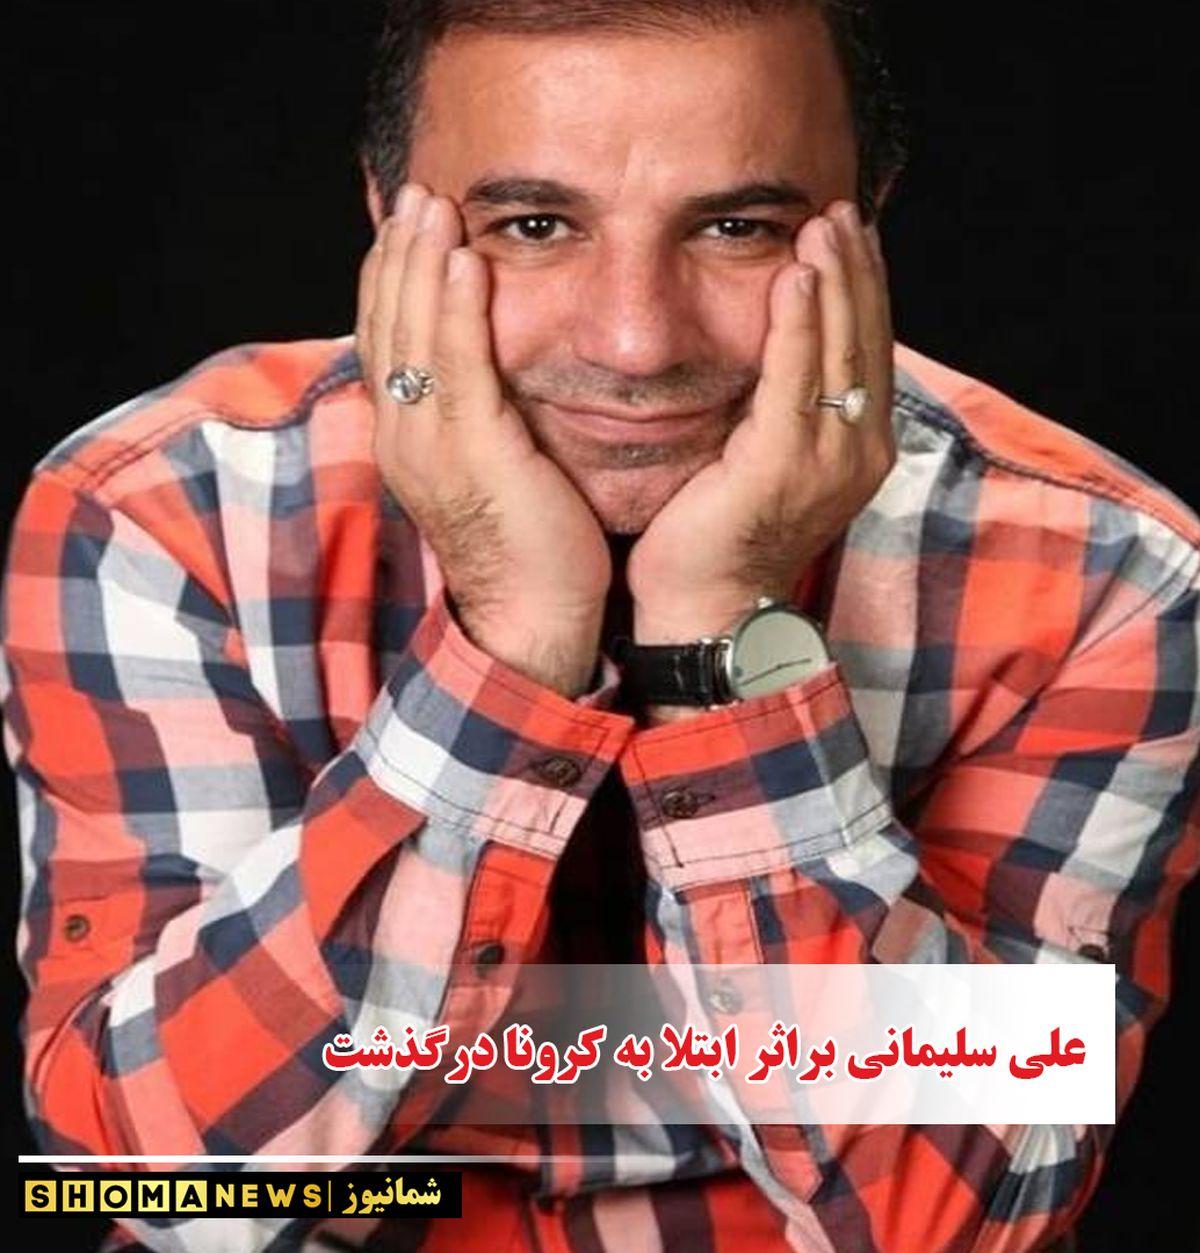 علی سلیمانی درگذشت + بیوگرافی و علت مرگ